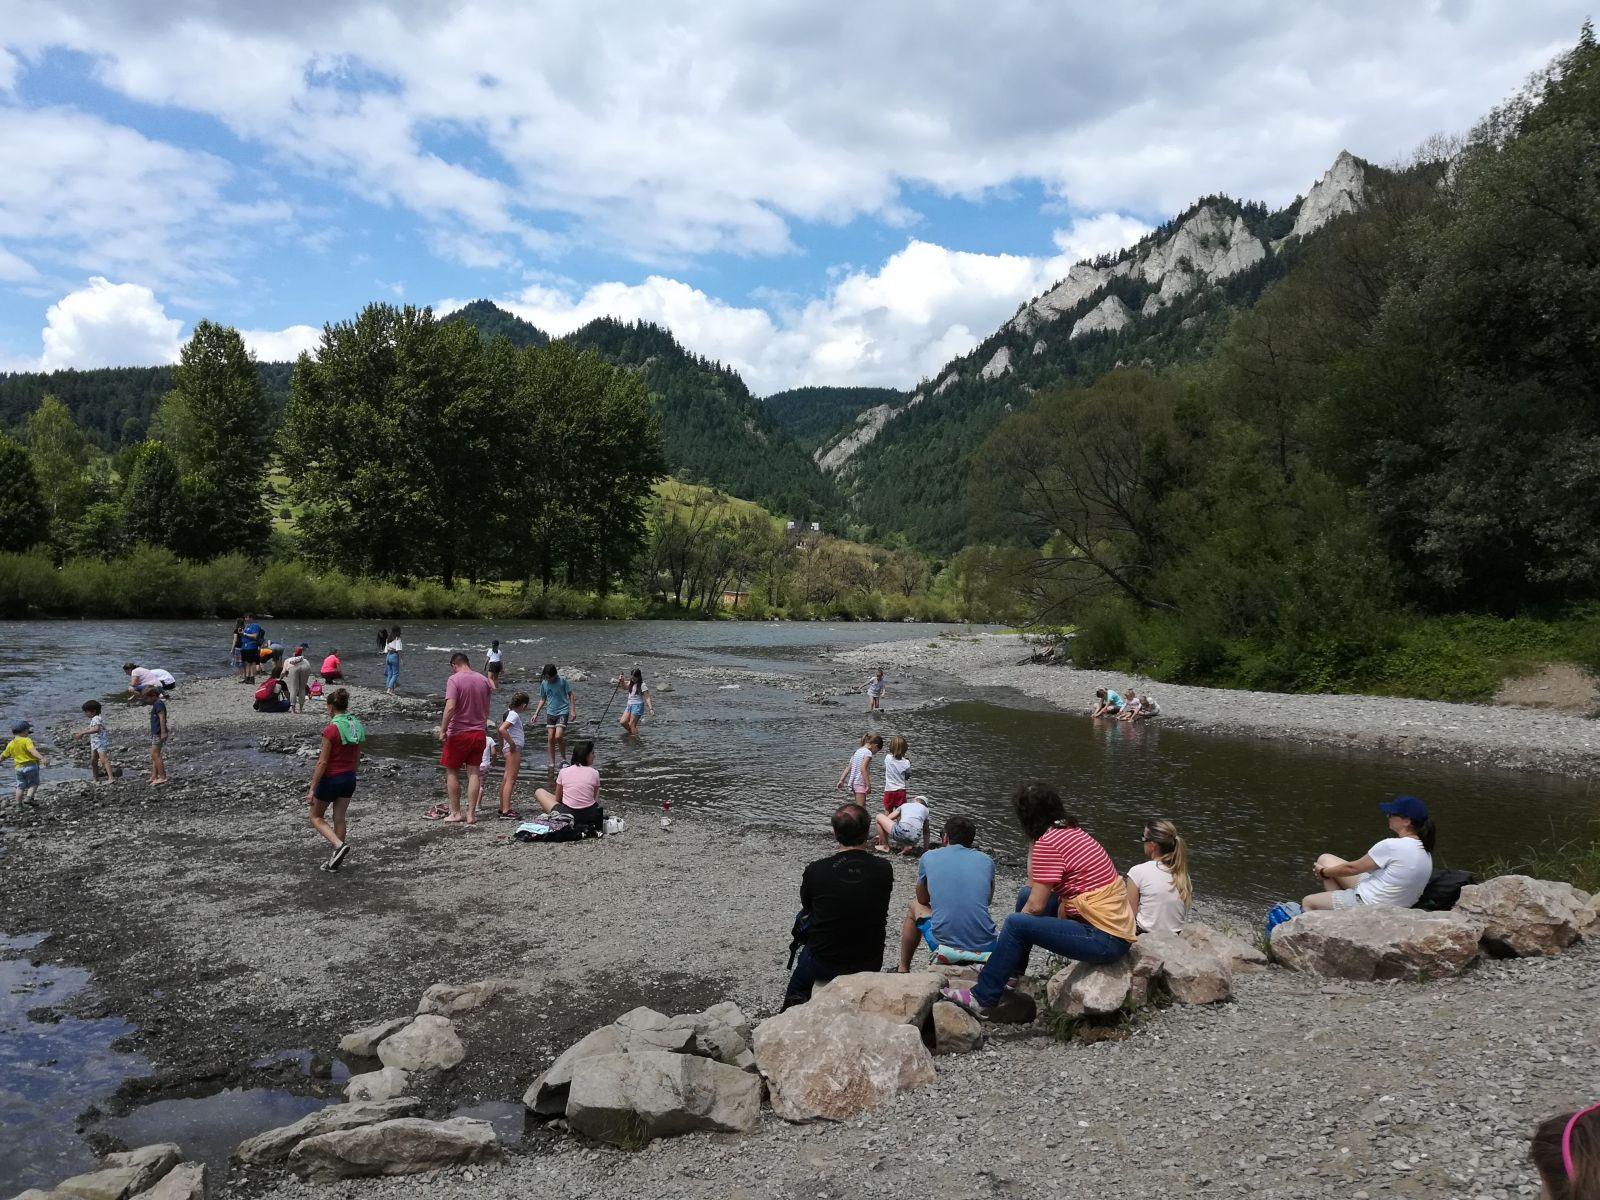 Prítok Dunajca - potok Lipničanka, vytvoril pod Čereveným Kláštorom prírodnú kamenistú pláž.